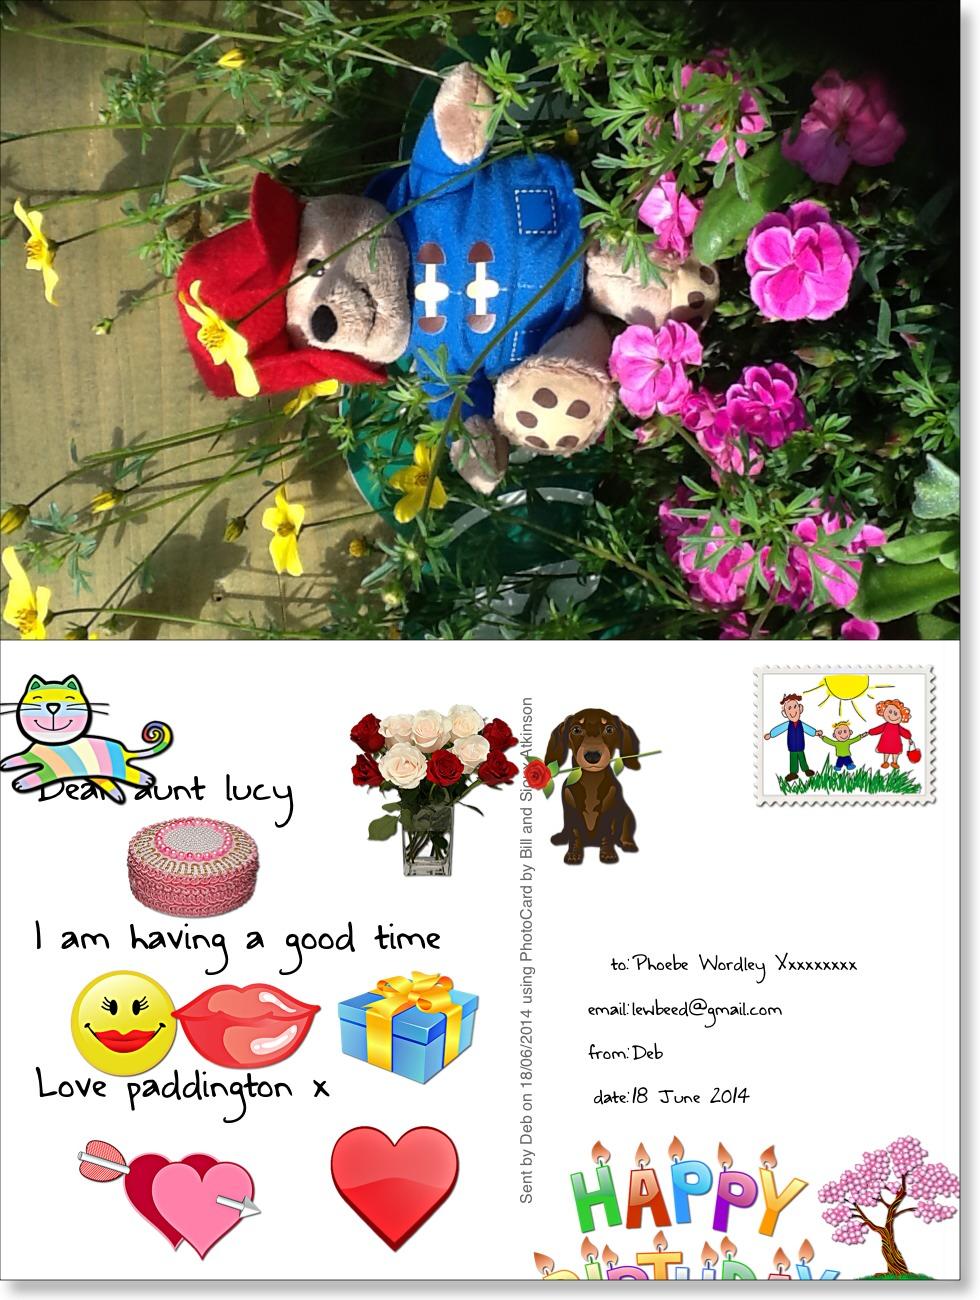 PhotoCard_2014-06-18_12-56-59_267820.jpg